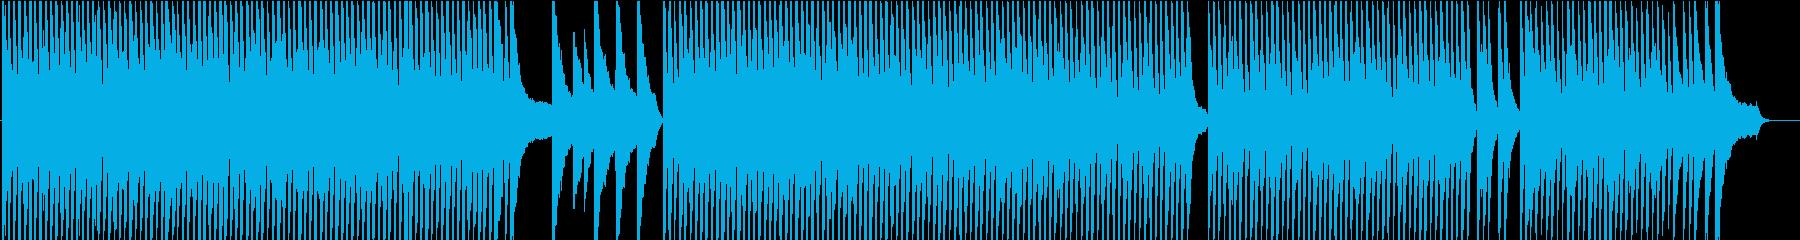 弾むピアノでわくわくする♪日常系BGMの再生済みの波形